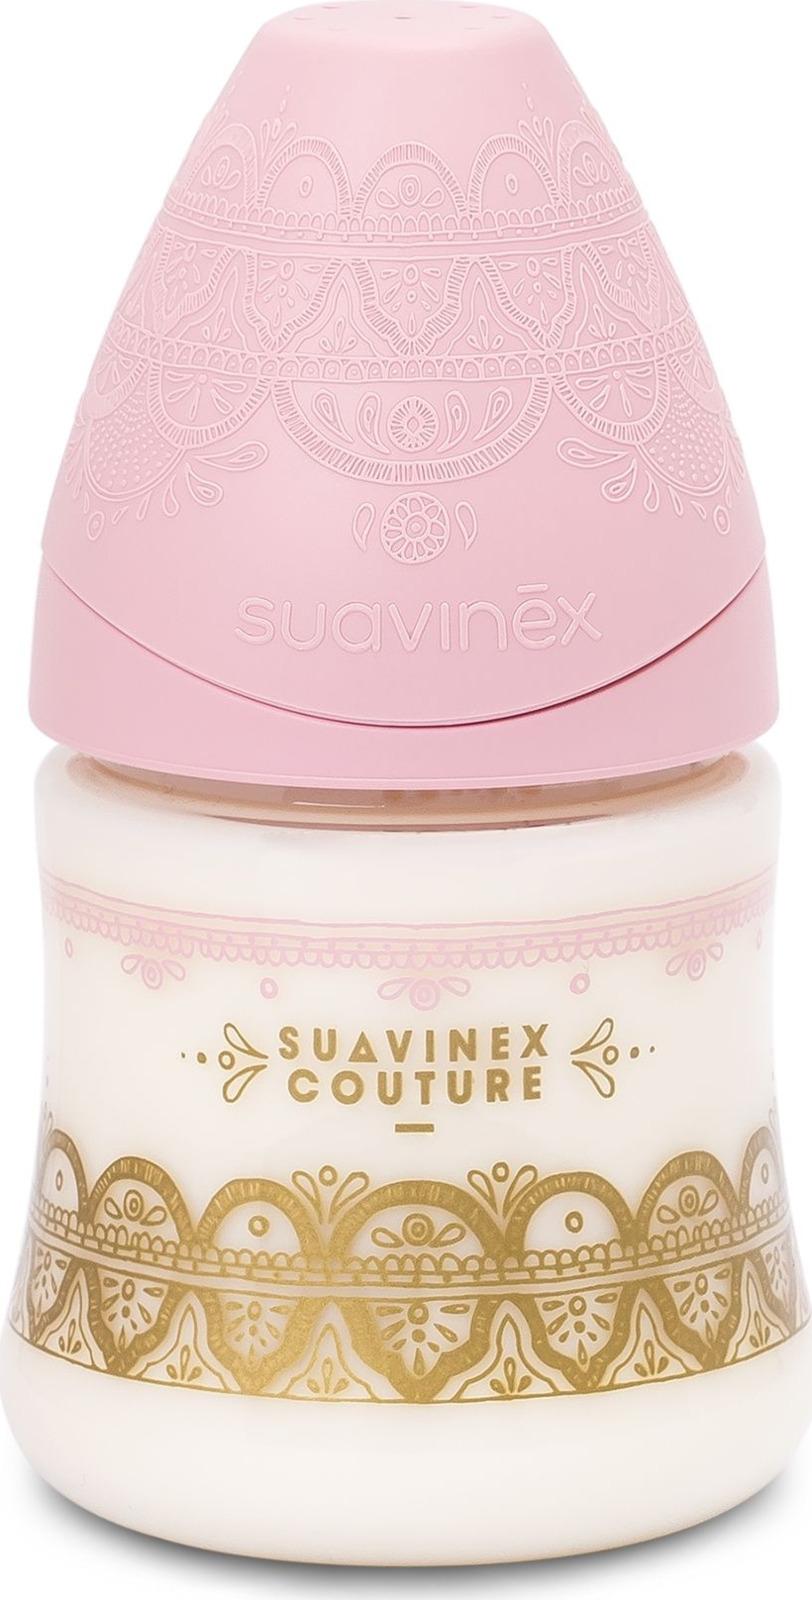 Бутылочка для кормления Suavinex Haute Couture, от 0 месяцев, с силиконовой круглой соской, 3162101, розовый, 150 мл mepsi бутылочка для кормления с силиконовой соской от 0 месяцев цвет синий 250 мл